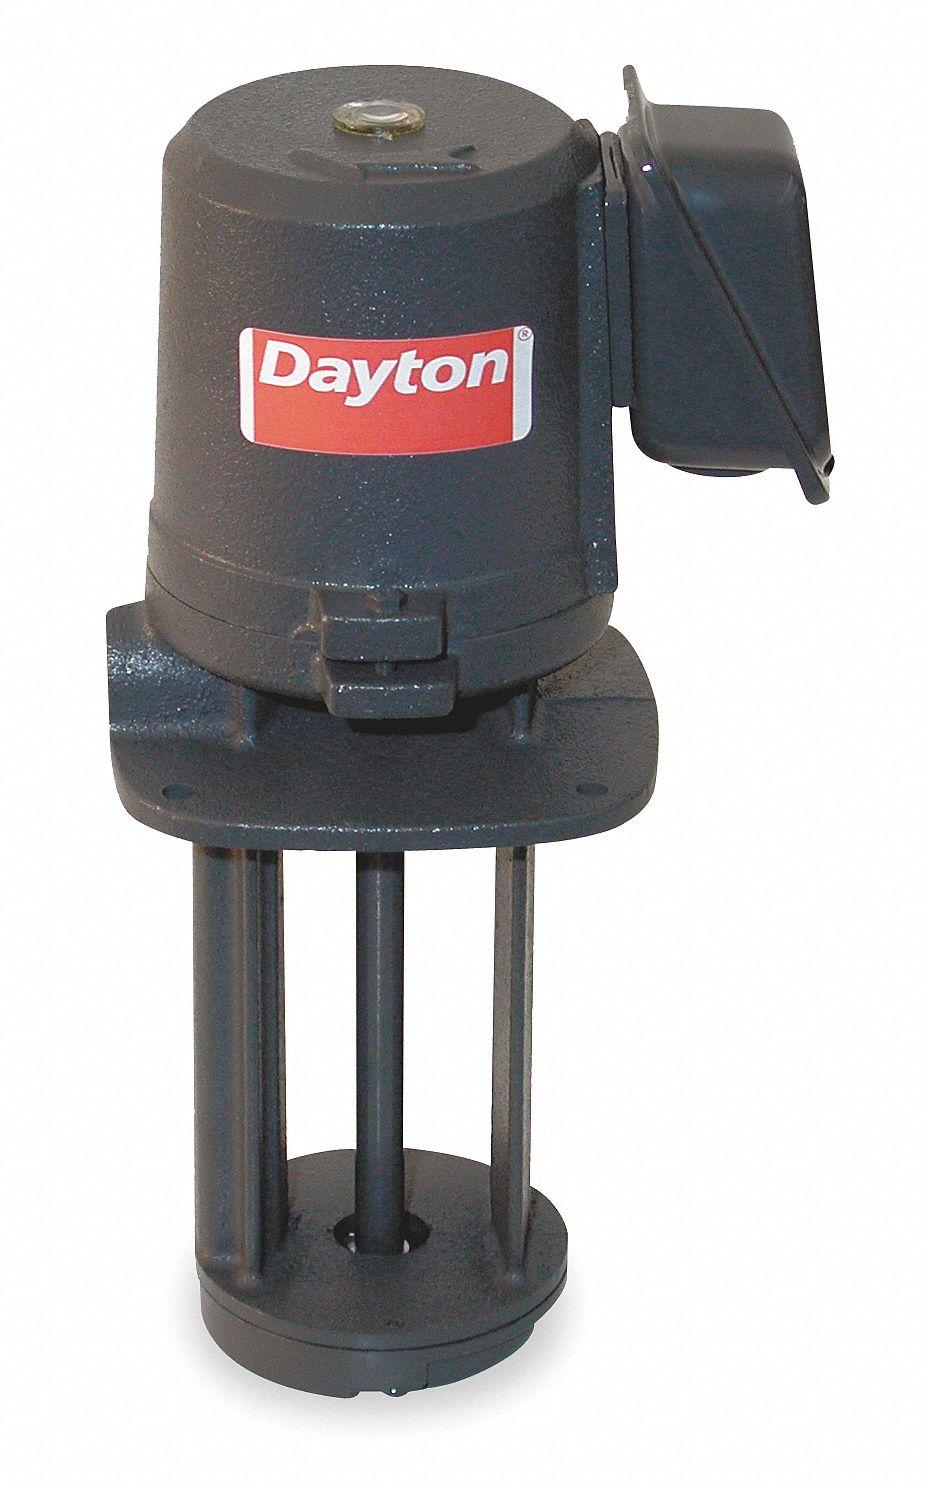 DAYTON 18 HP 115230V Immersion Oil Coolant Pump 3GRV5